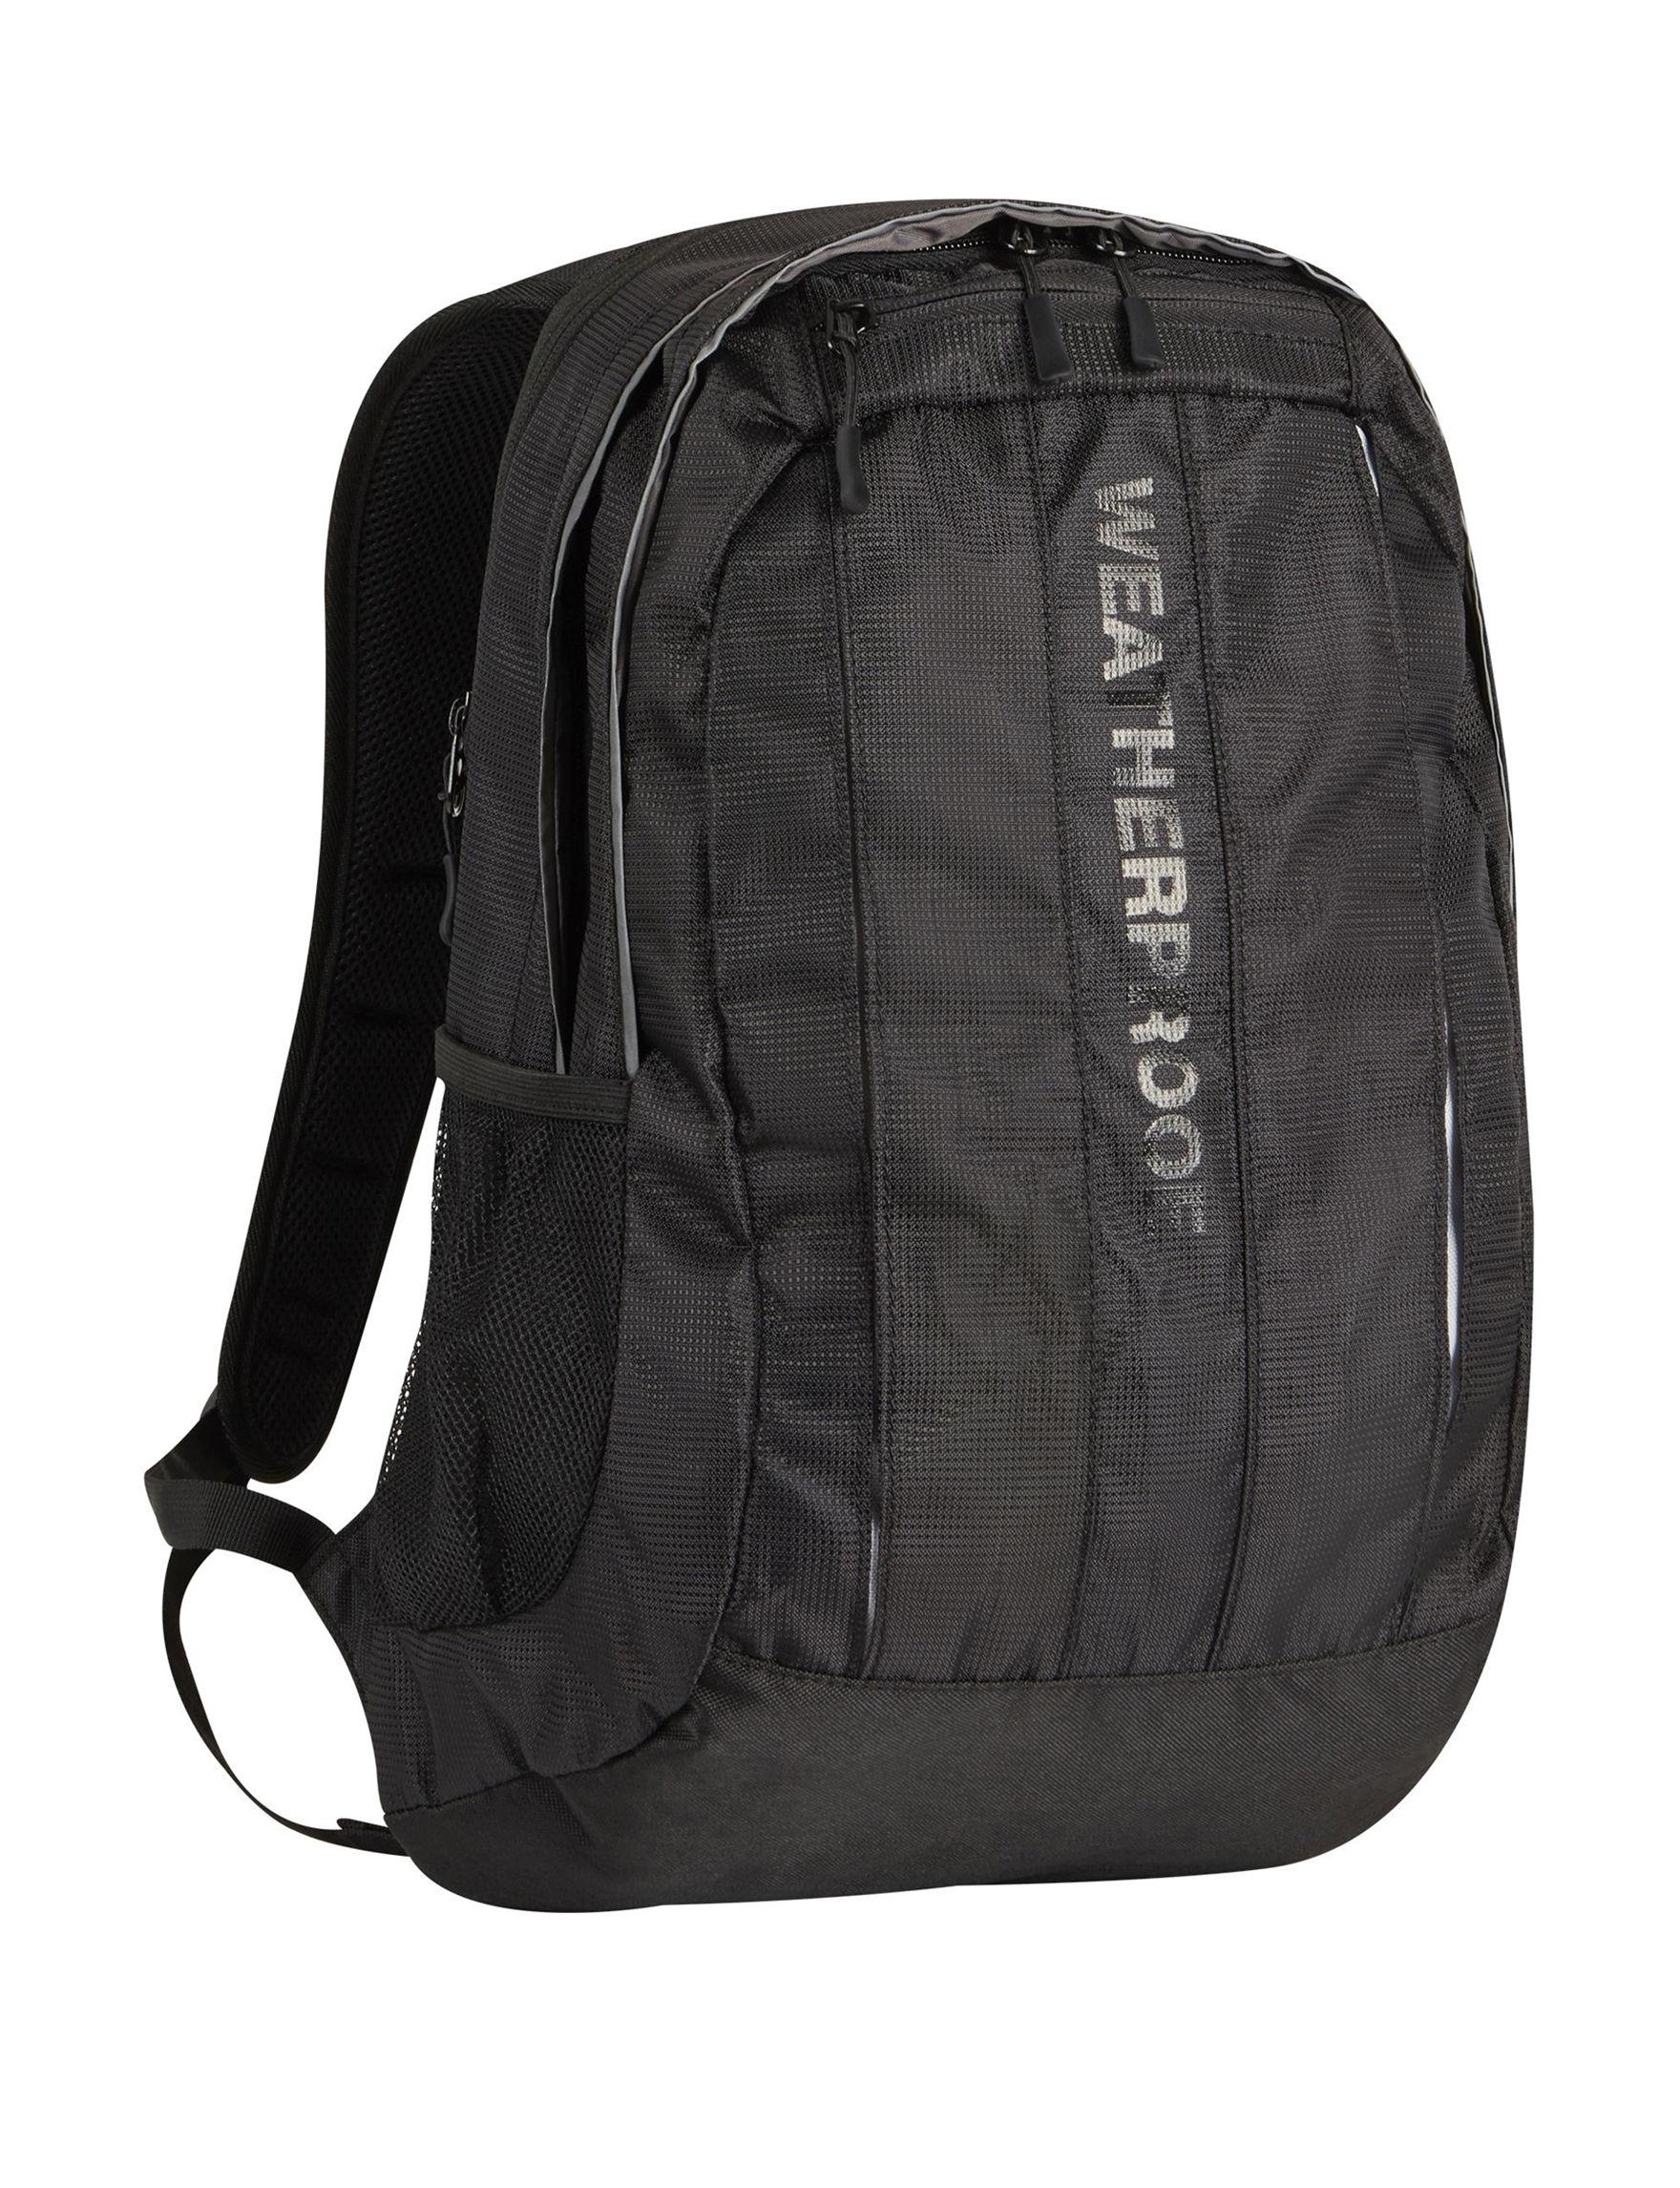 Weatherproof Black Bookbags & Backpacks